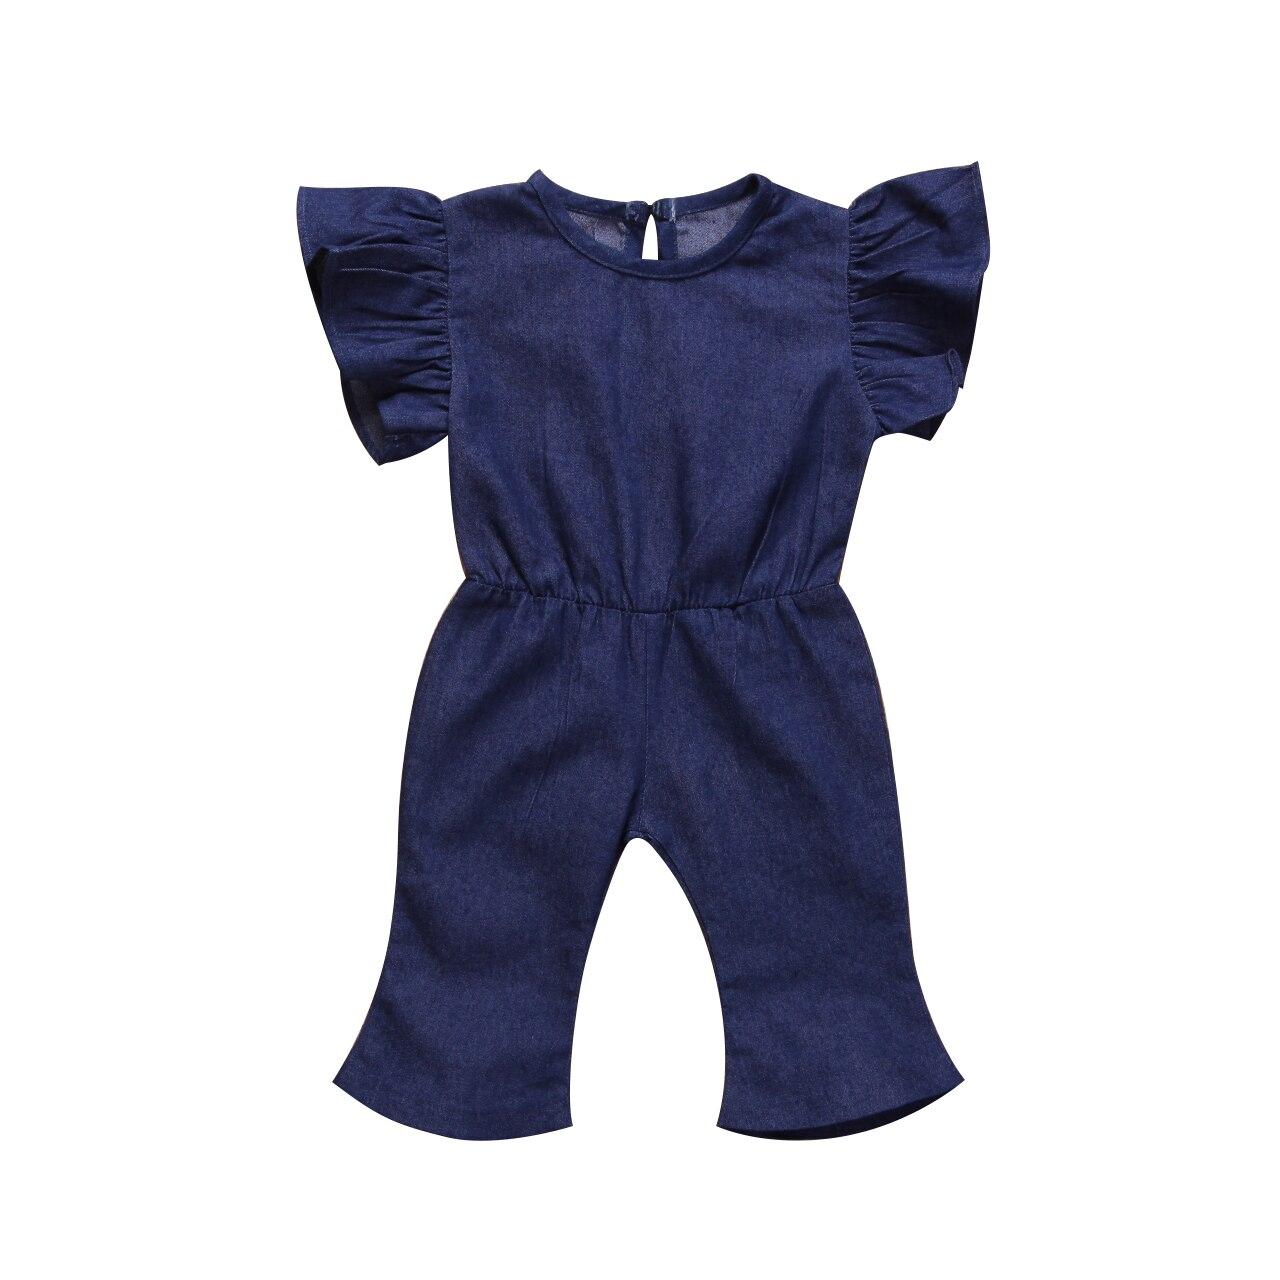 De Goedkoopste Prijs Hot Casual Baby Meisjes Kid Ruches Mouwen Denim Romper Jumpsuit Een Stukken Outfits Kleding Size 1-7y